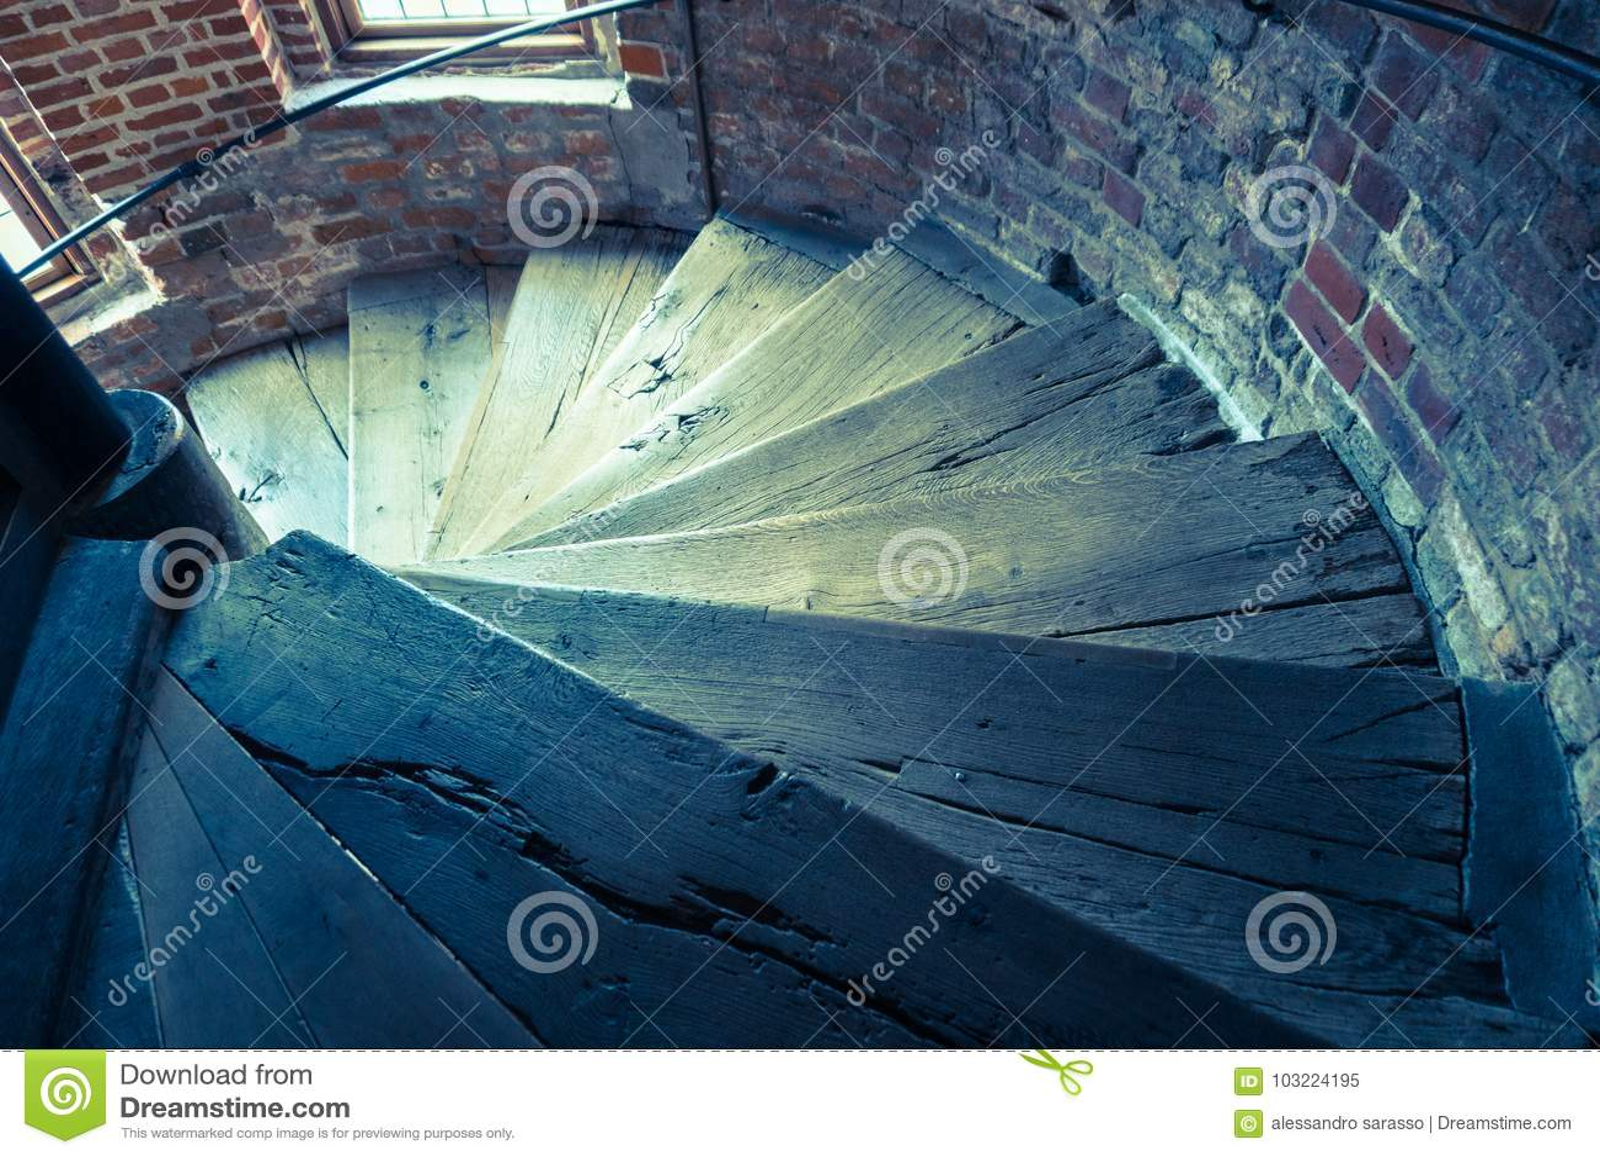 Scaletta In Legno Antica : Scala a chiocciola di legno antica in una vecchia torre immagine